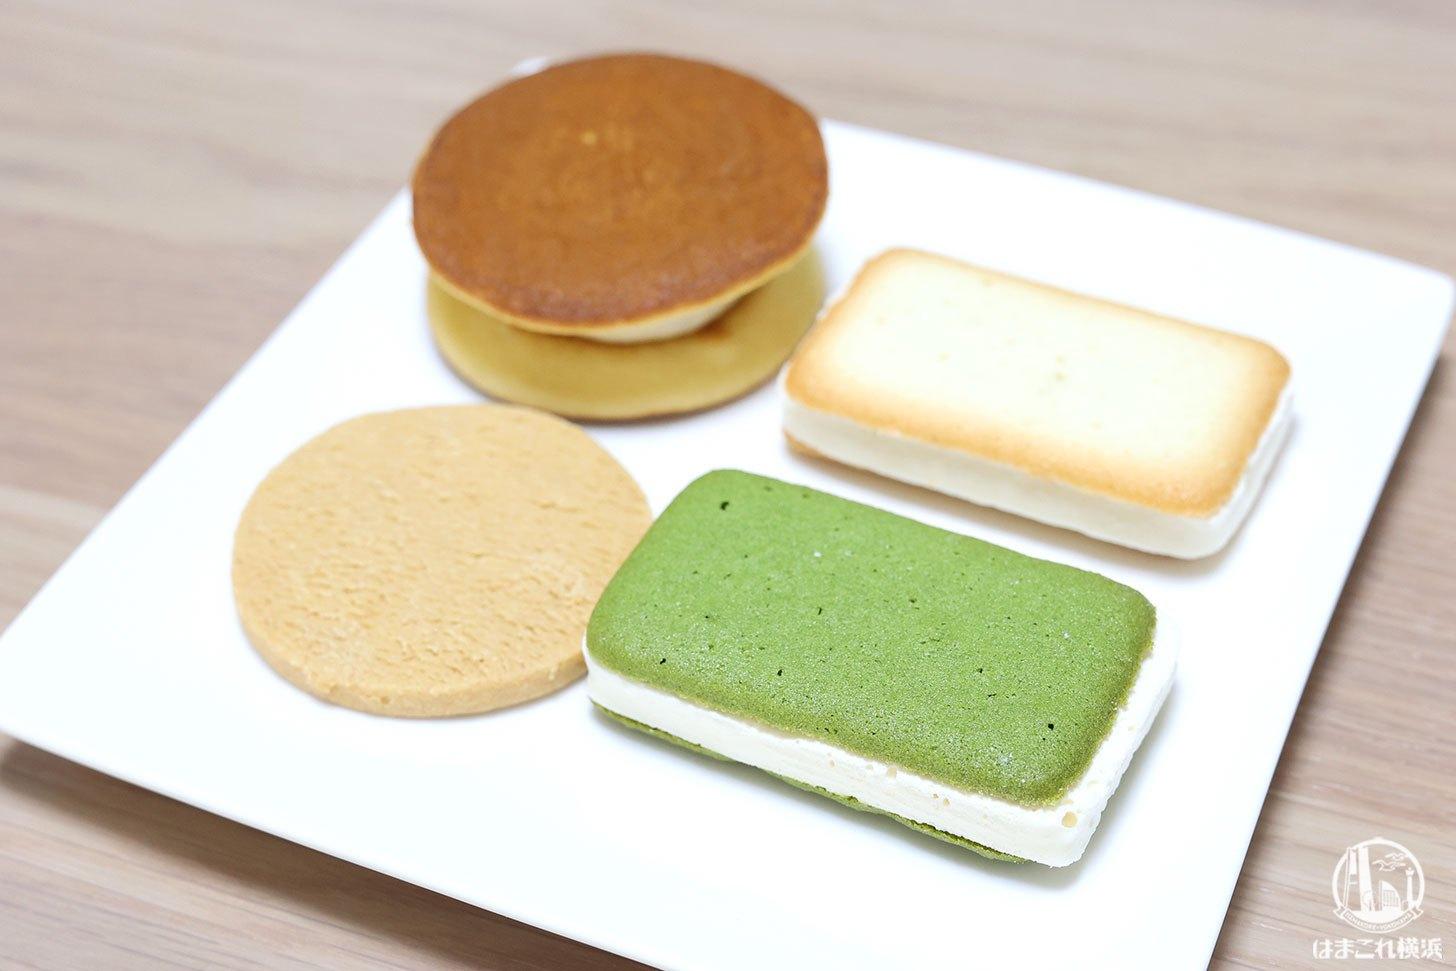 横浜高島屋「菓匠三全」HONMIDOの本実堂サンド・みたらしパンケーキ試し買い!